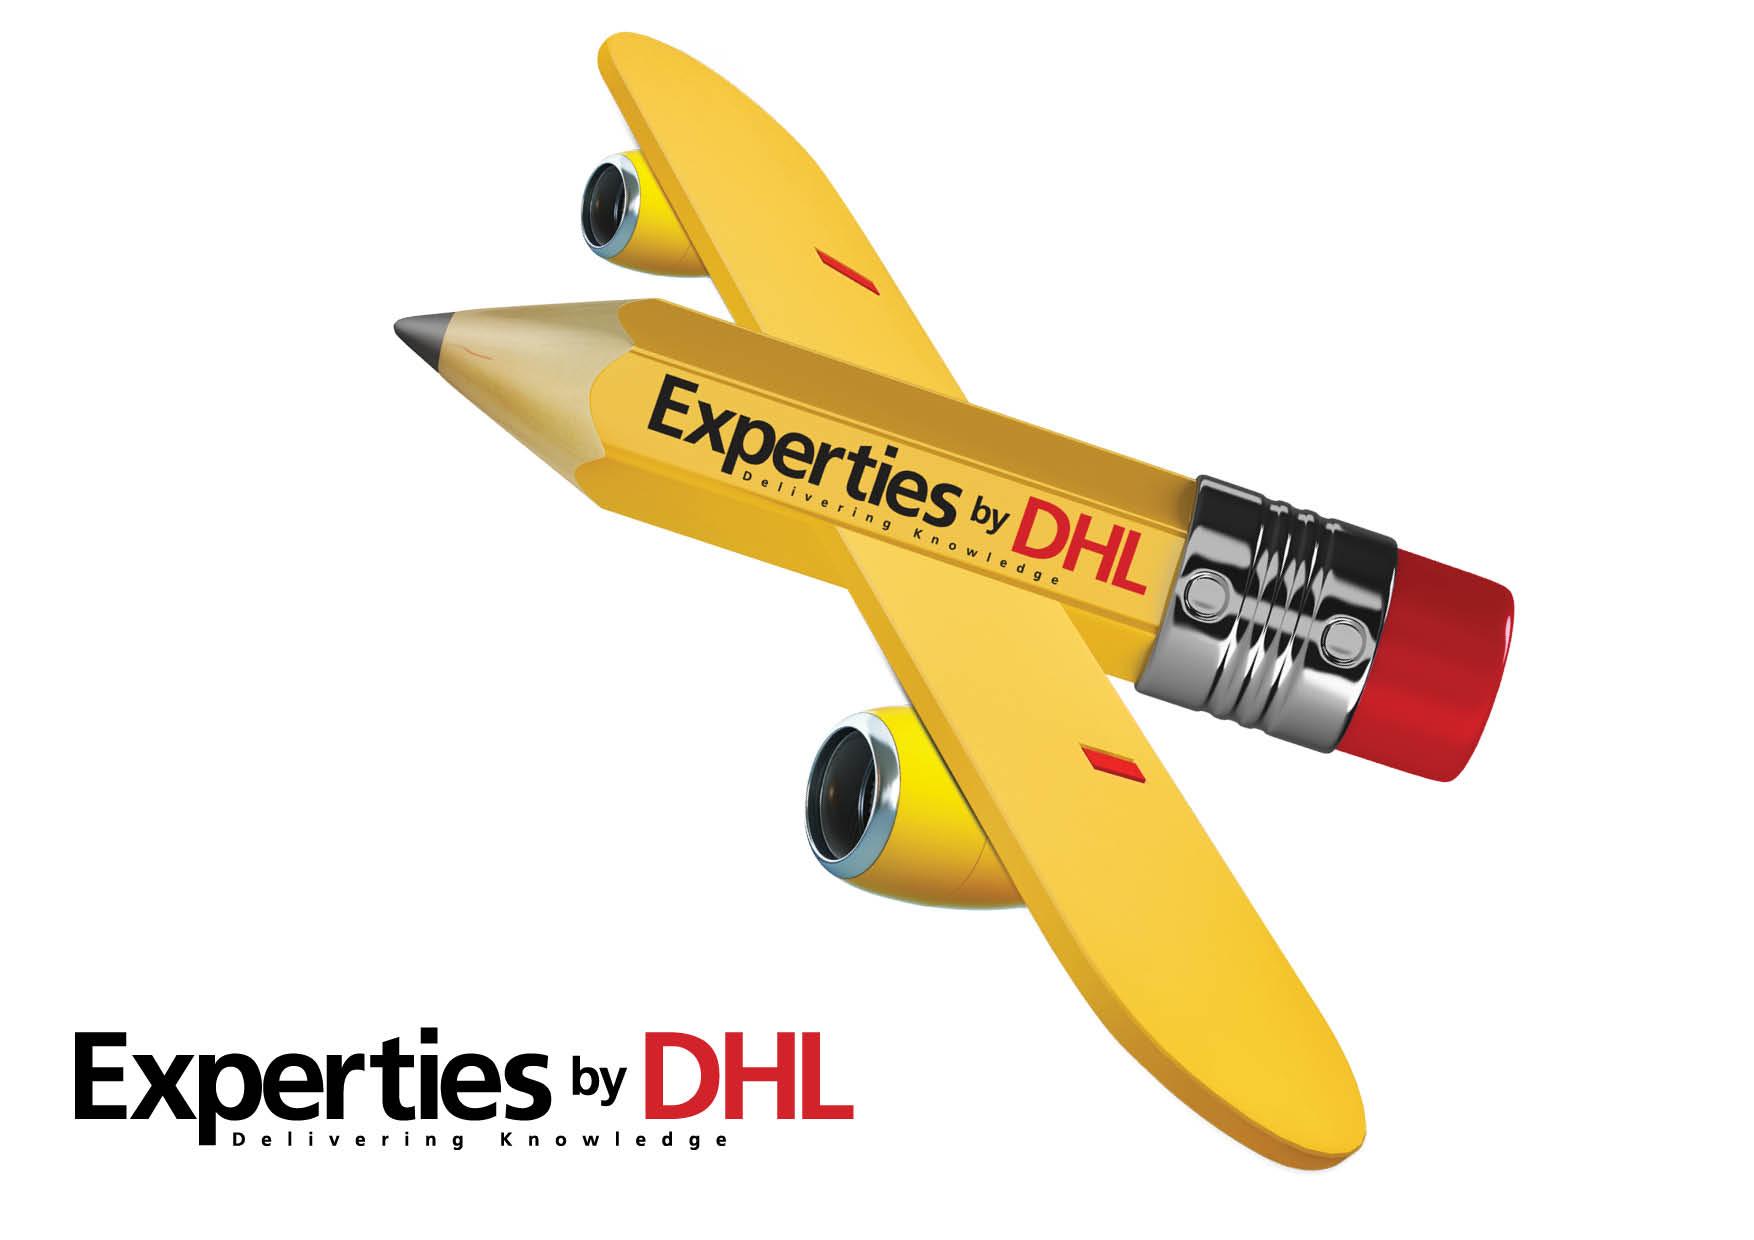 DHL pencil